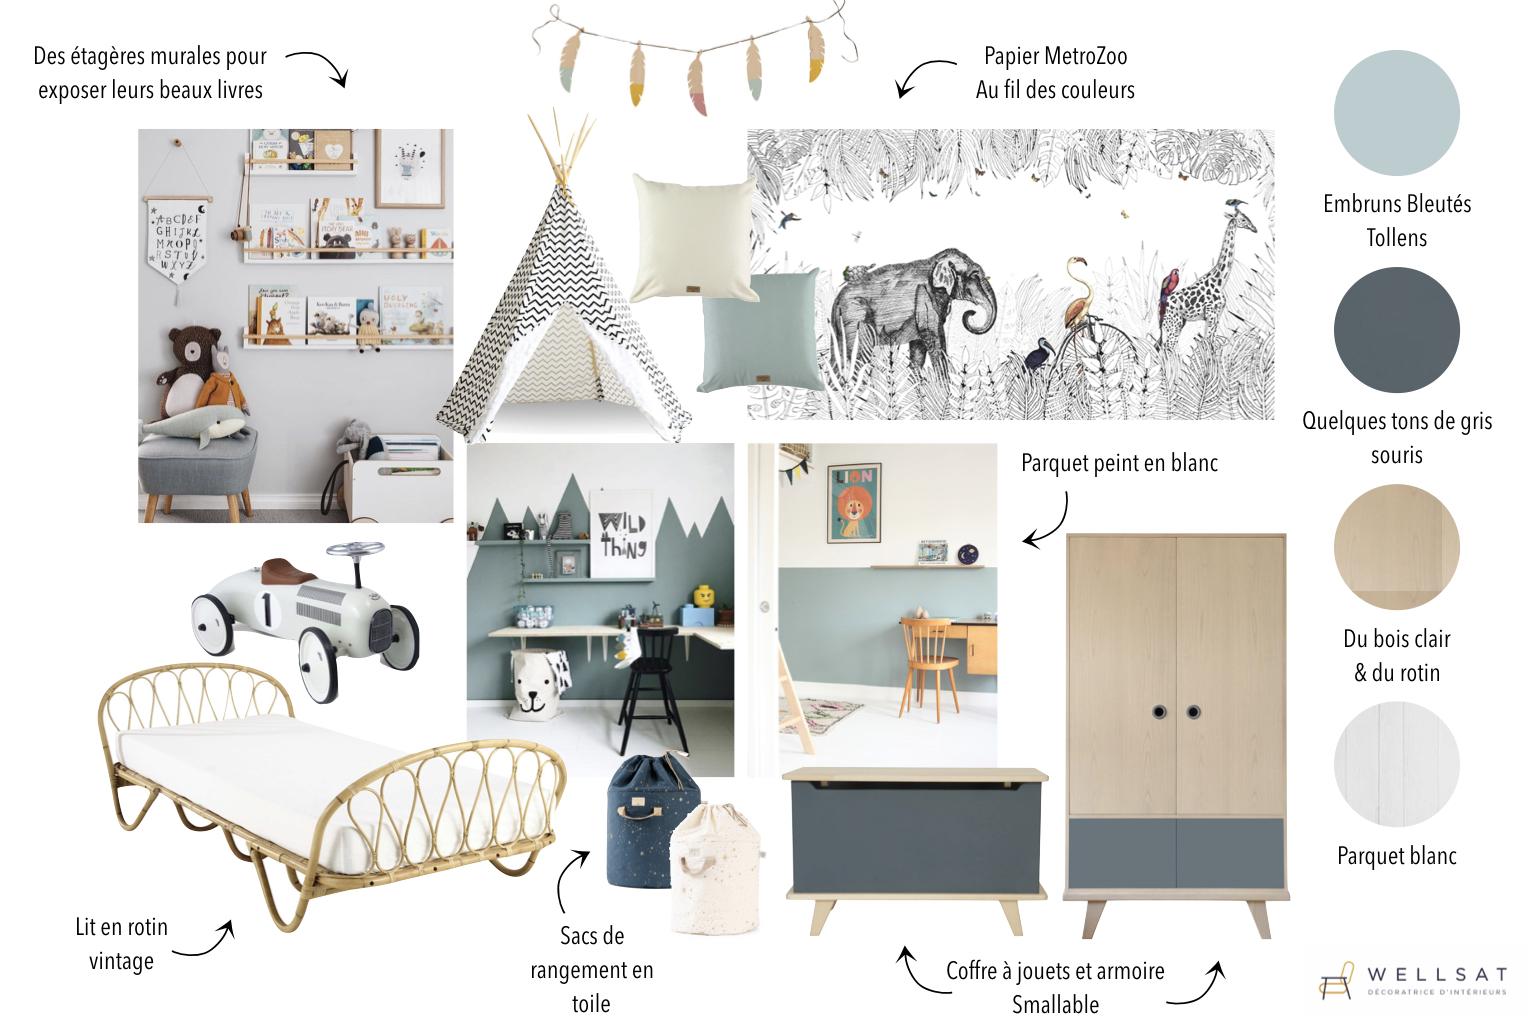 2 Couleurs Papier Peint Dans Une Chambre une chambre, deux enfants : à chacun son espace ! | wellsat